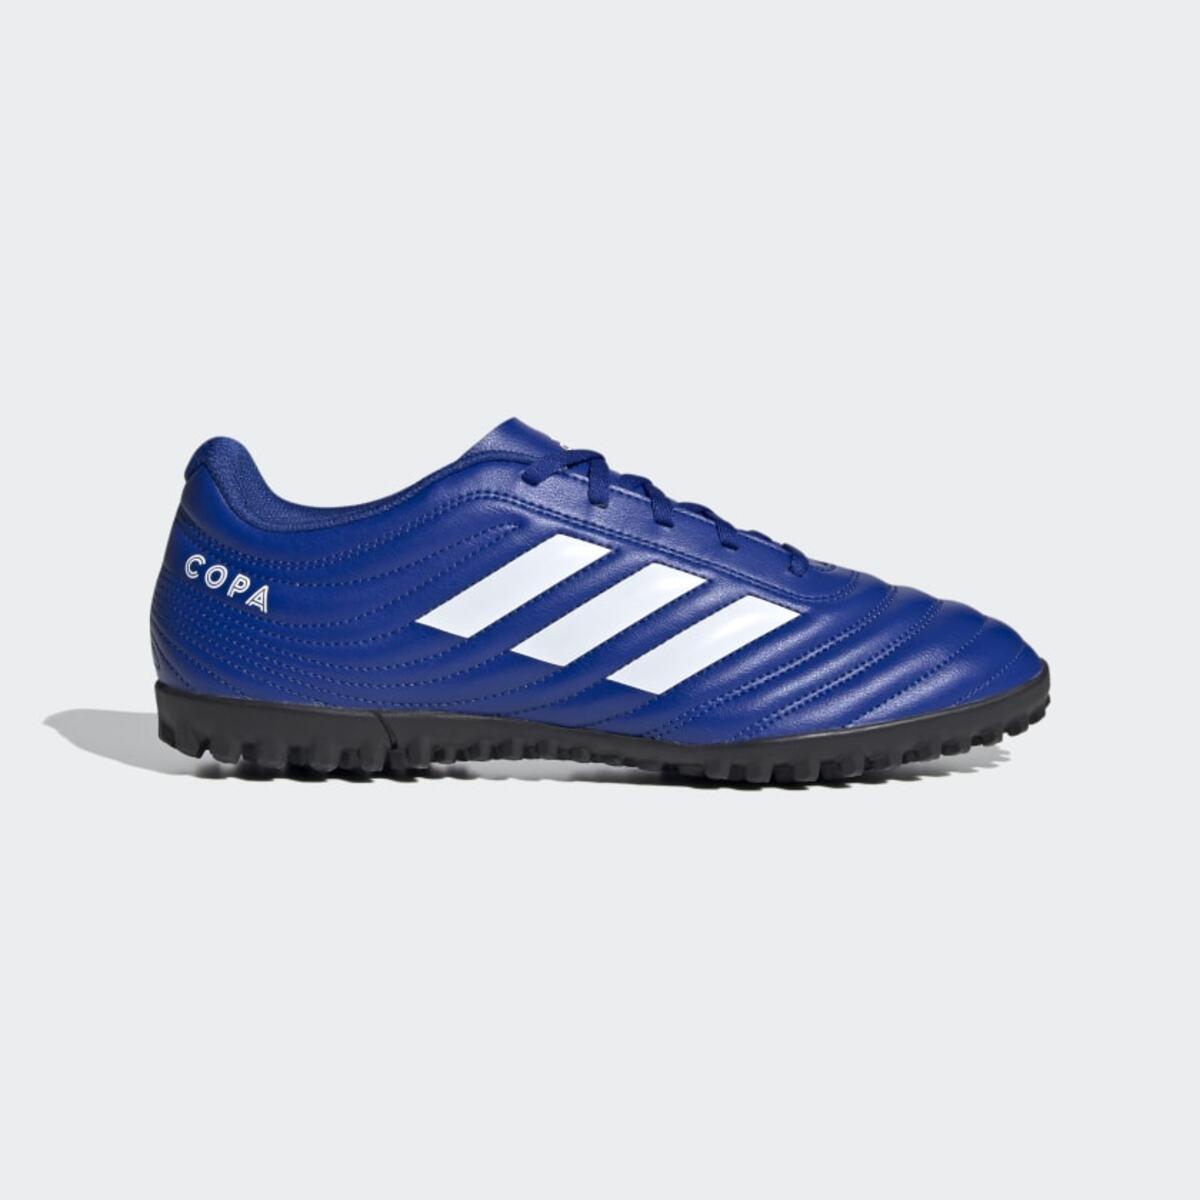 Copa 20.4 Tf Erkek Mavi Halı Saha Kramponu